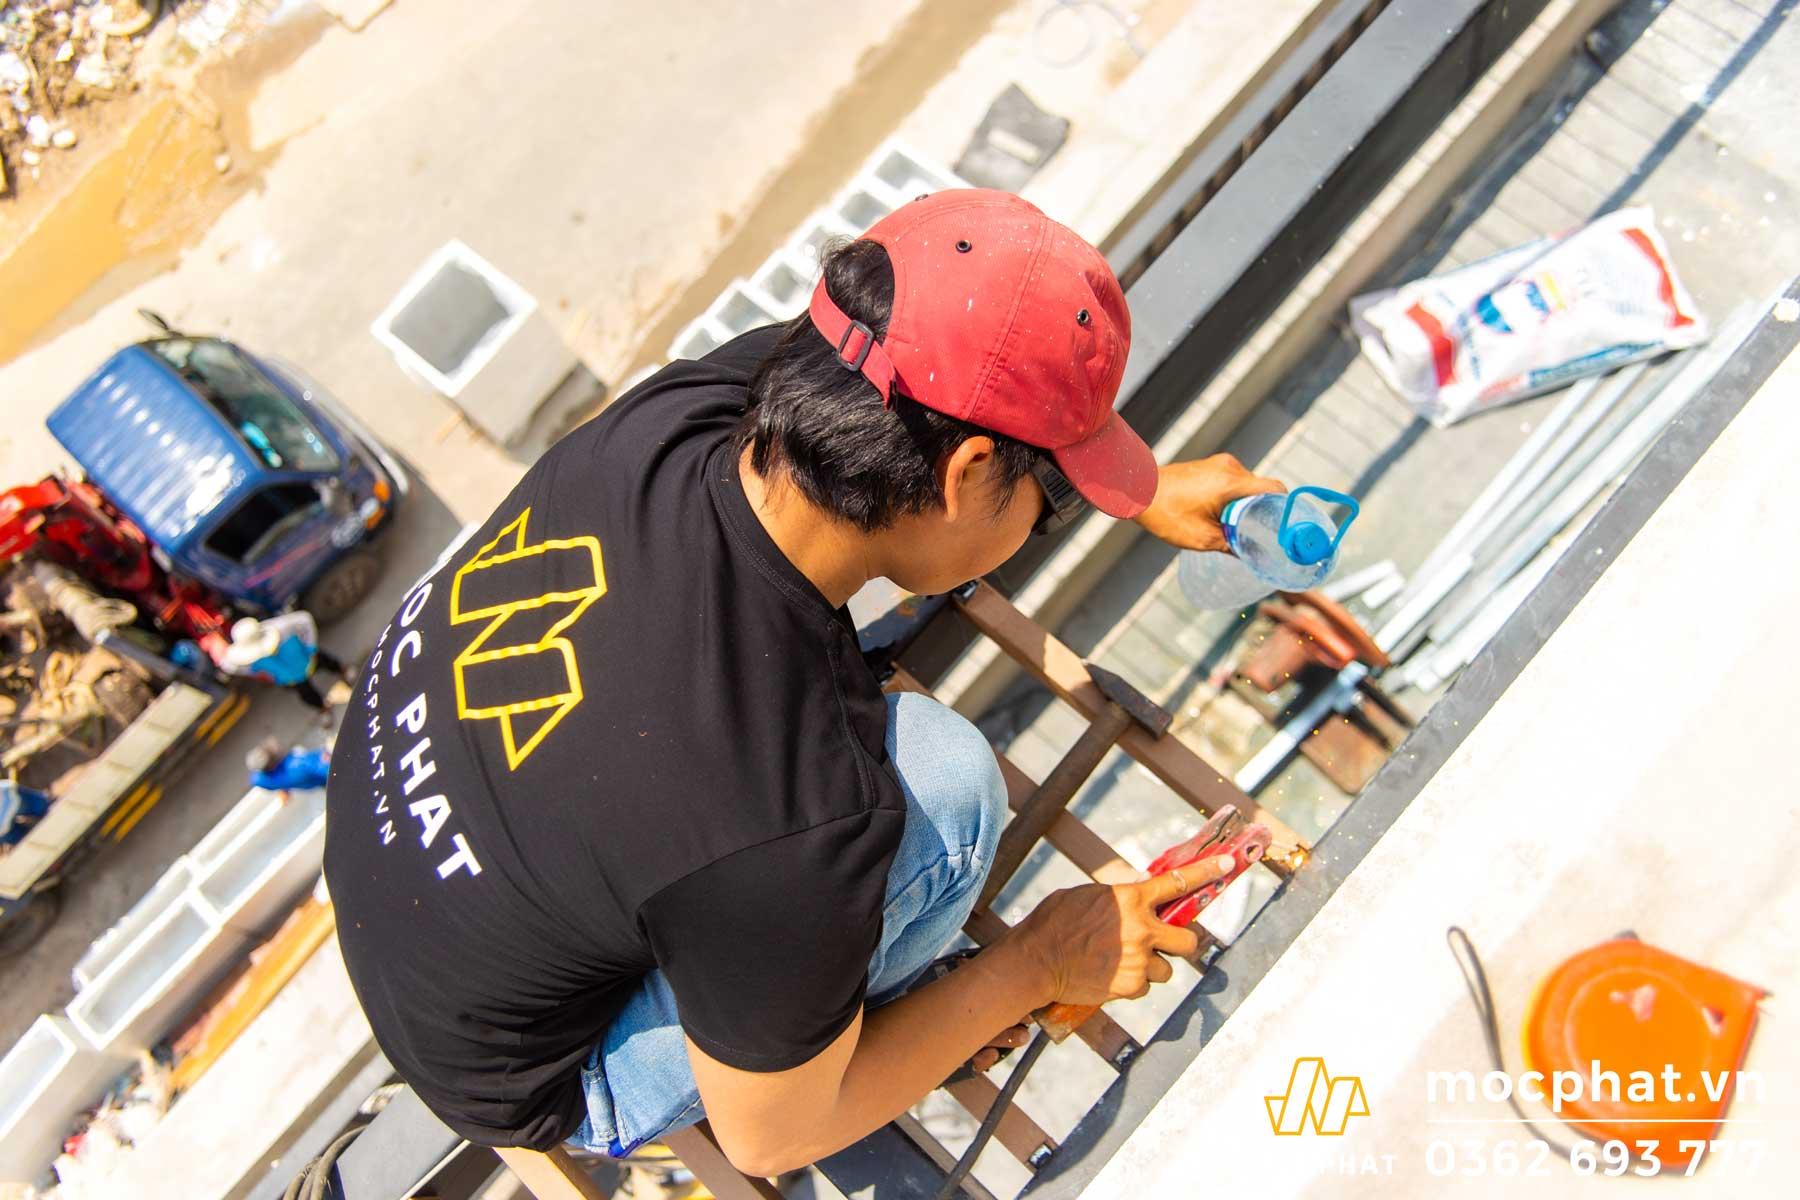 Thợ mộc phát đang thi công lam chắn nắng Villa chị Thảo quận 2